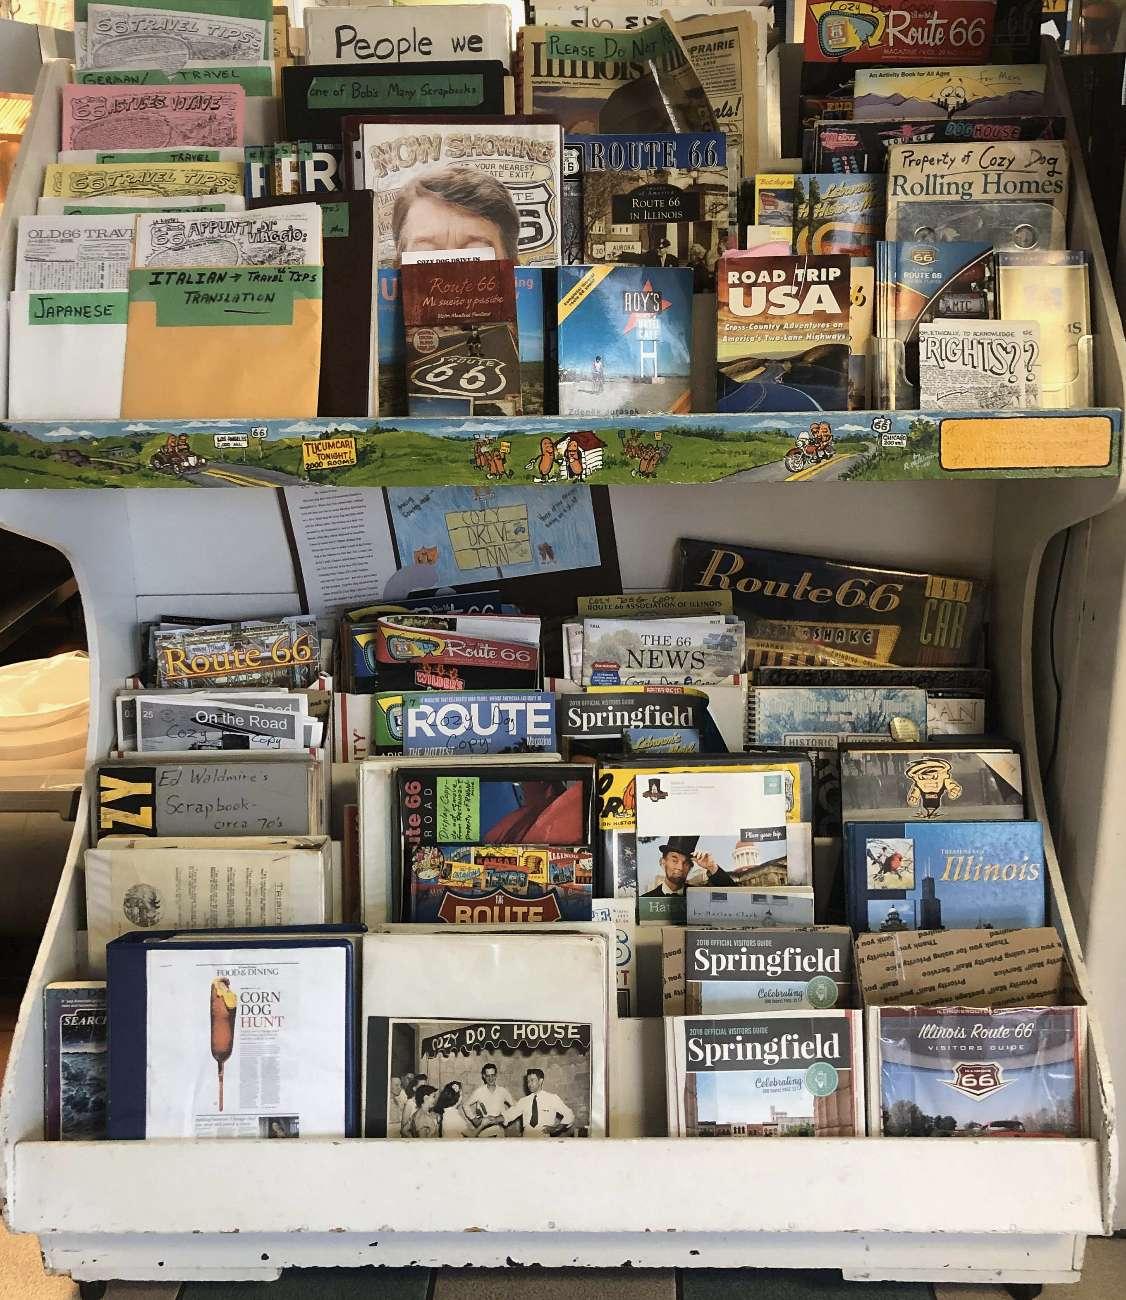 Die Bibliothek im Restaurant Cozy Dog in Springfiled, Illinois, erinnert an Bob Waldmire